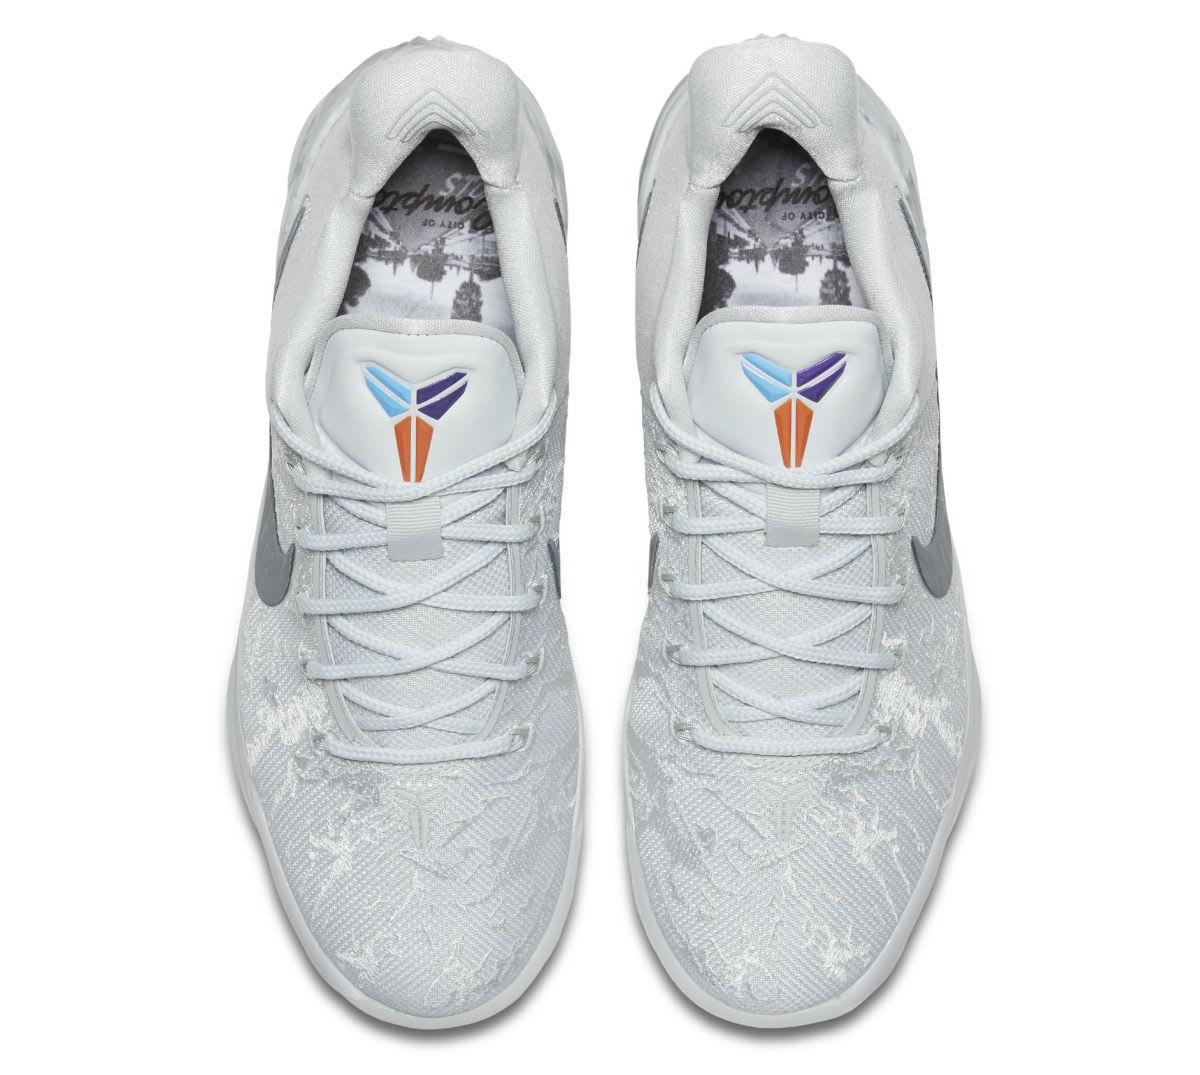 Nike Kobe AD Compton Release Date Top 852425-011